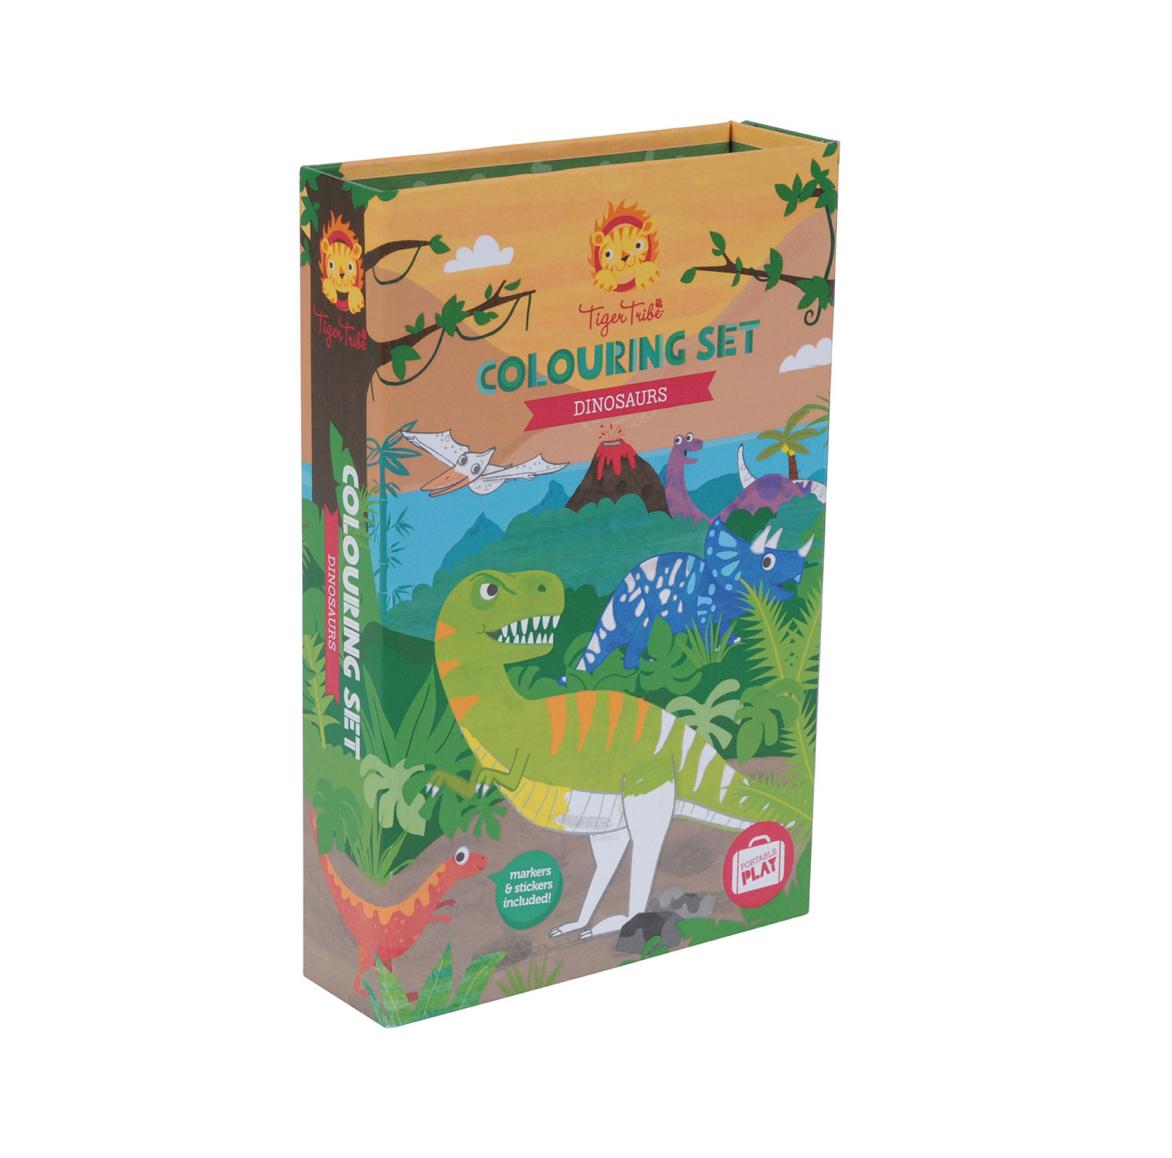 set-para-colorear-dinosaurios-de tiger-tribe-en-el-mundo-de-mico